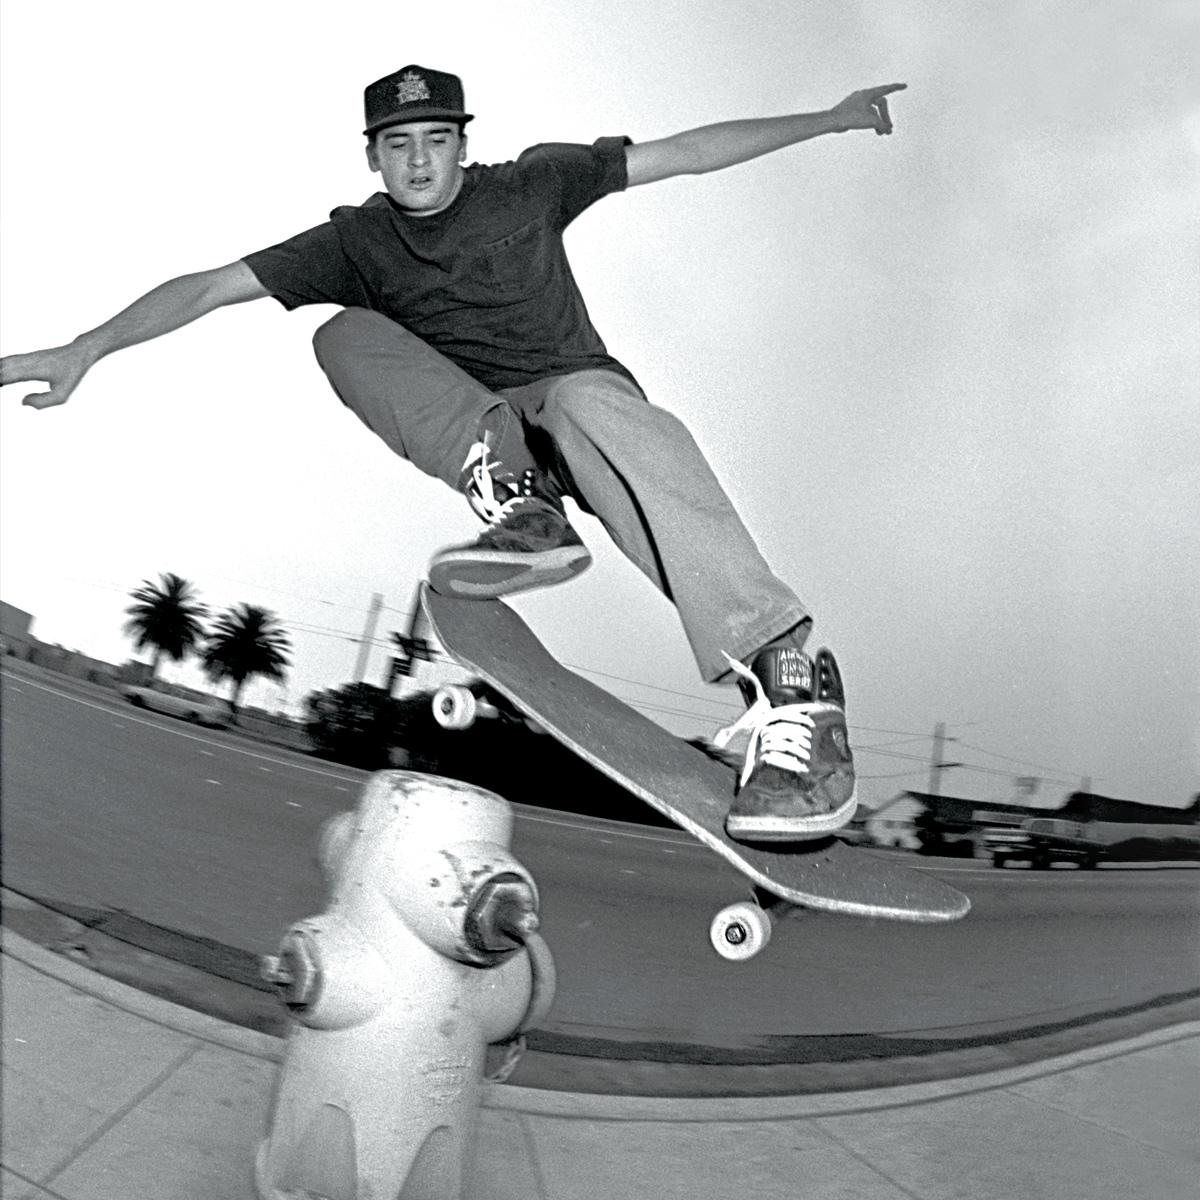 Ed_Templeton_ogden-New_Deal_skateboars-RAD_Magazine.jpg